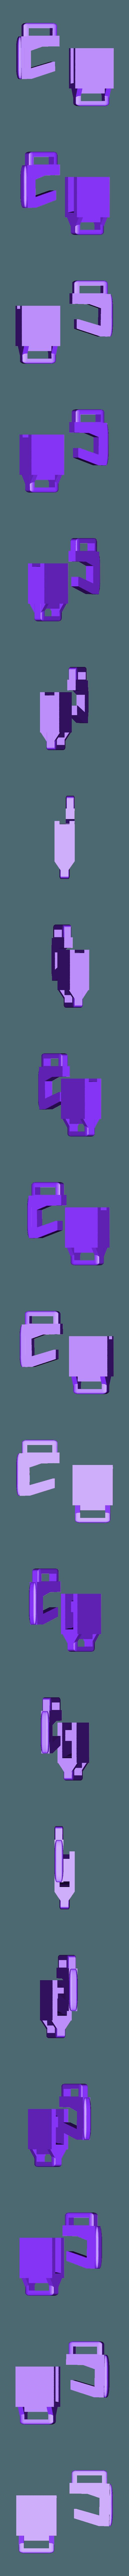 Clip 2 part fot strap.stl Télécharger fichier STL Doigts et pouces de robot et MISE À JOUR avec parties de doigts plus longues 3 tailles • Design à imprimer en 3D, LittleTup